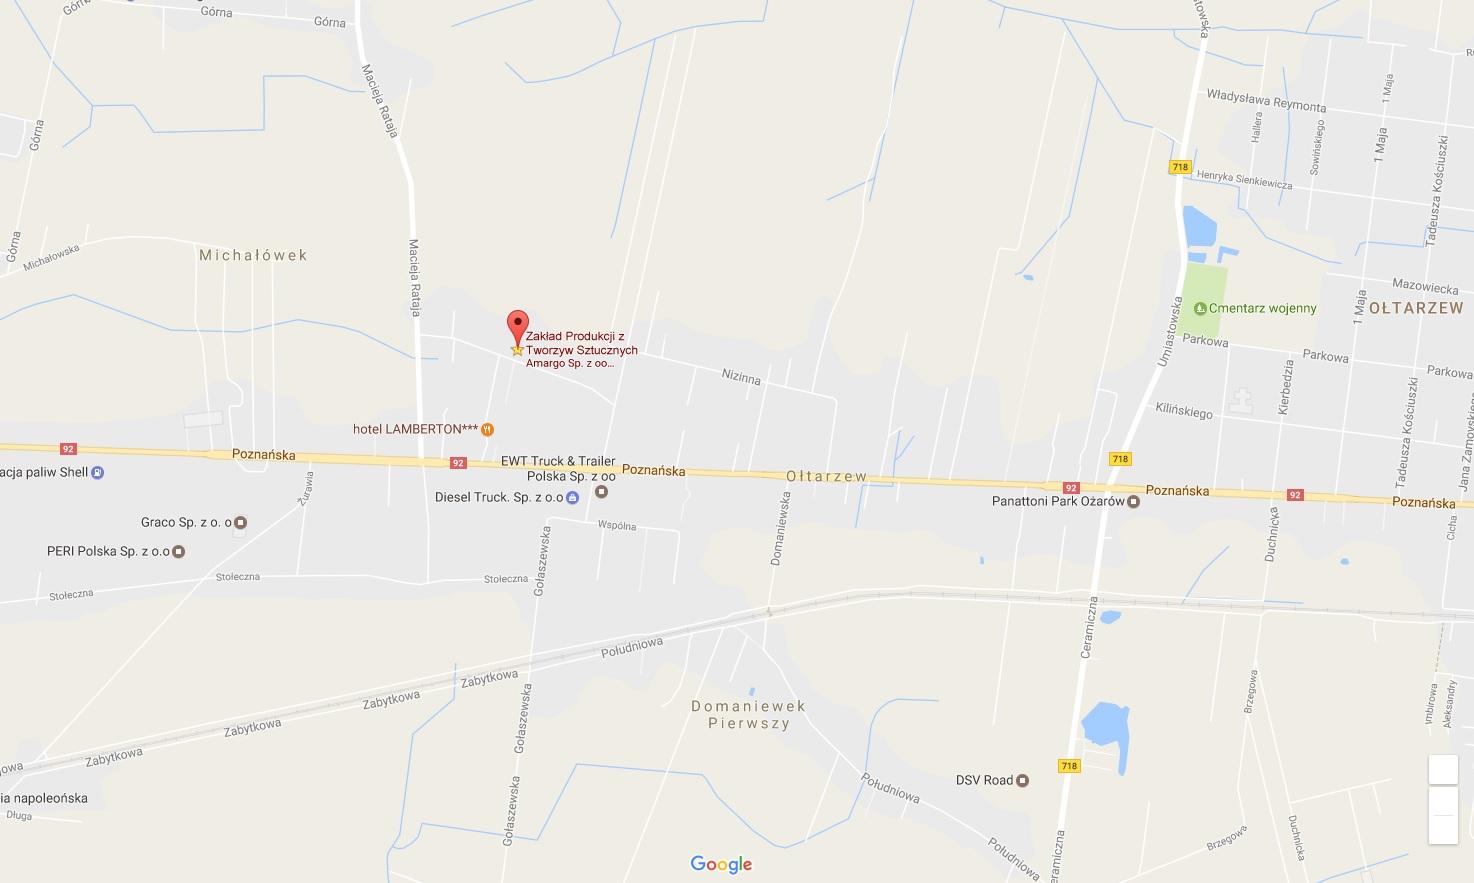 amargo mapka dojazdu do siedziby adres koprki jaśminowa a nie pogodna piotrkówek